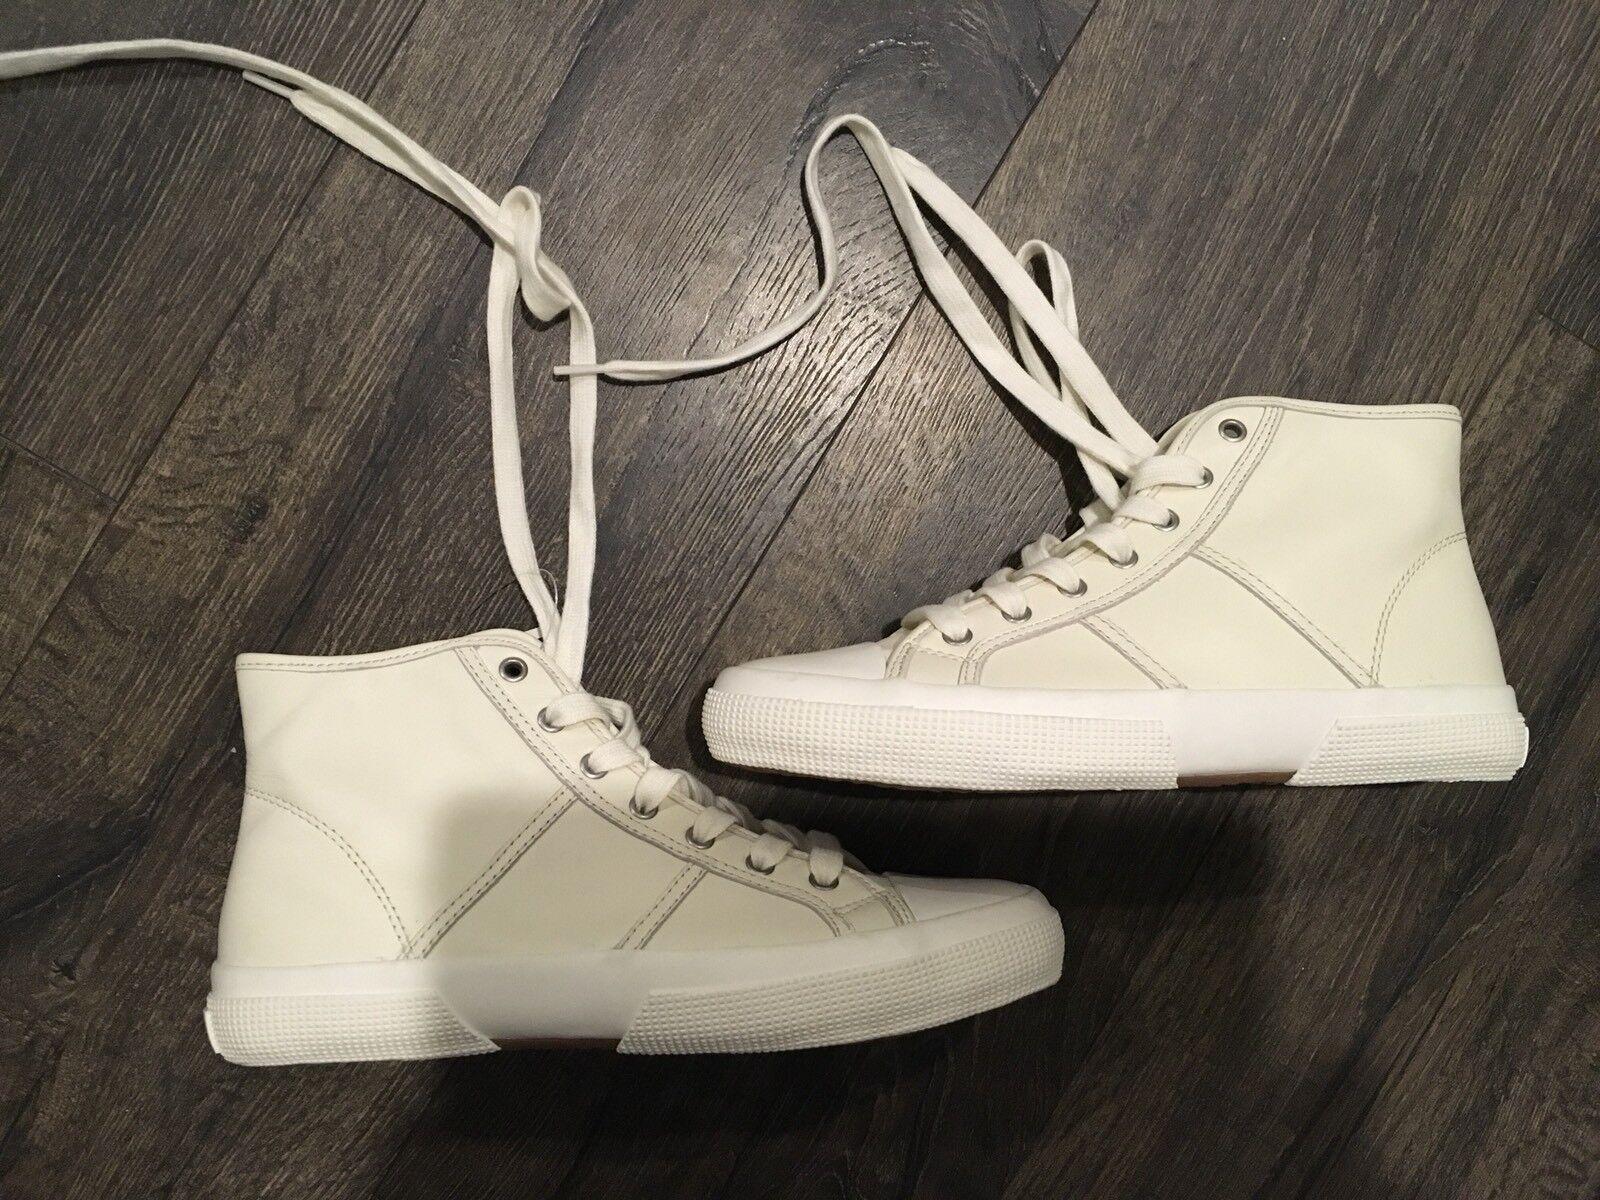 Lauren Lauren Lauren By Ralph Lauren January Women's High Top Leather Sneaker Size 7.5 B 4689a6